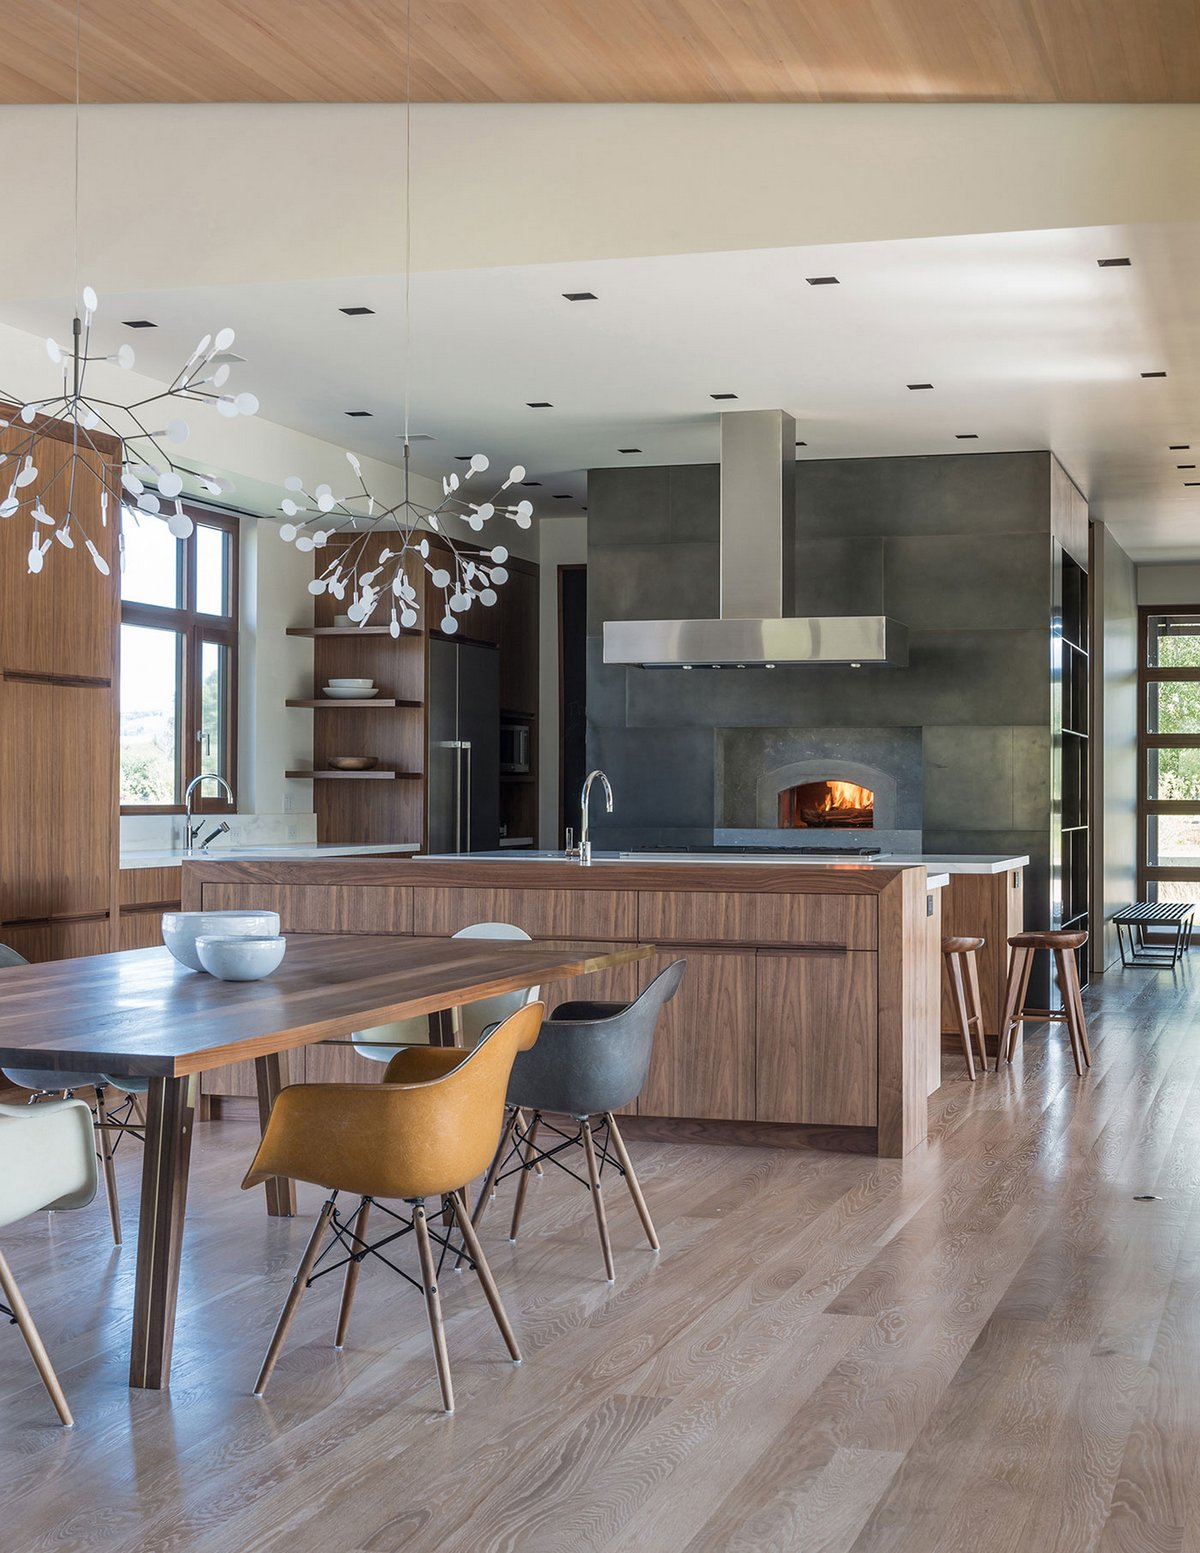 Кухня с дровяной печкой